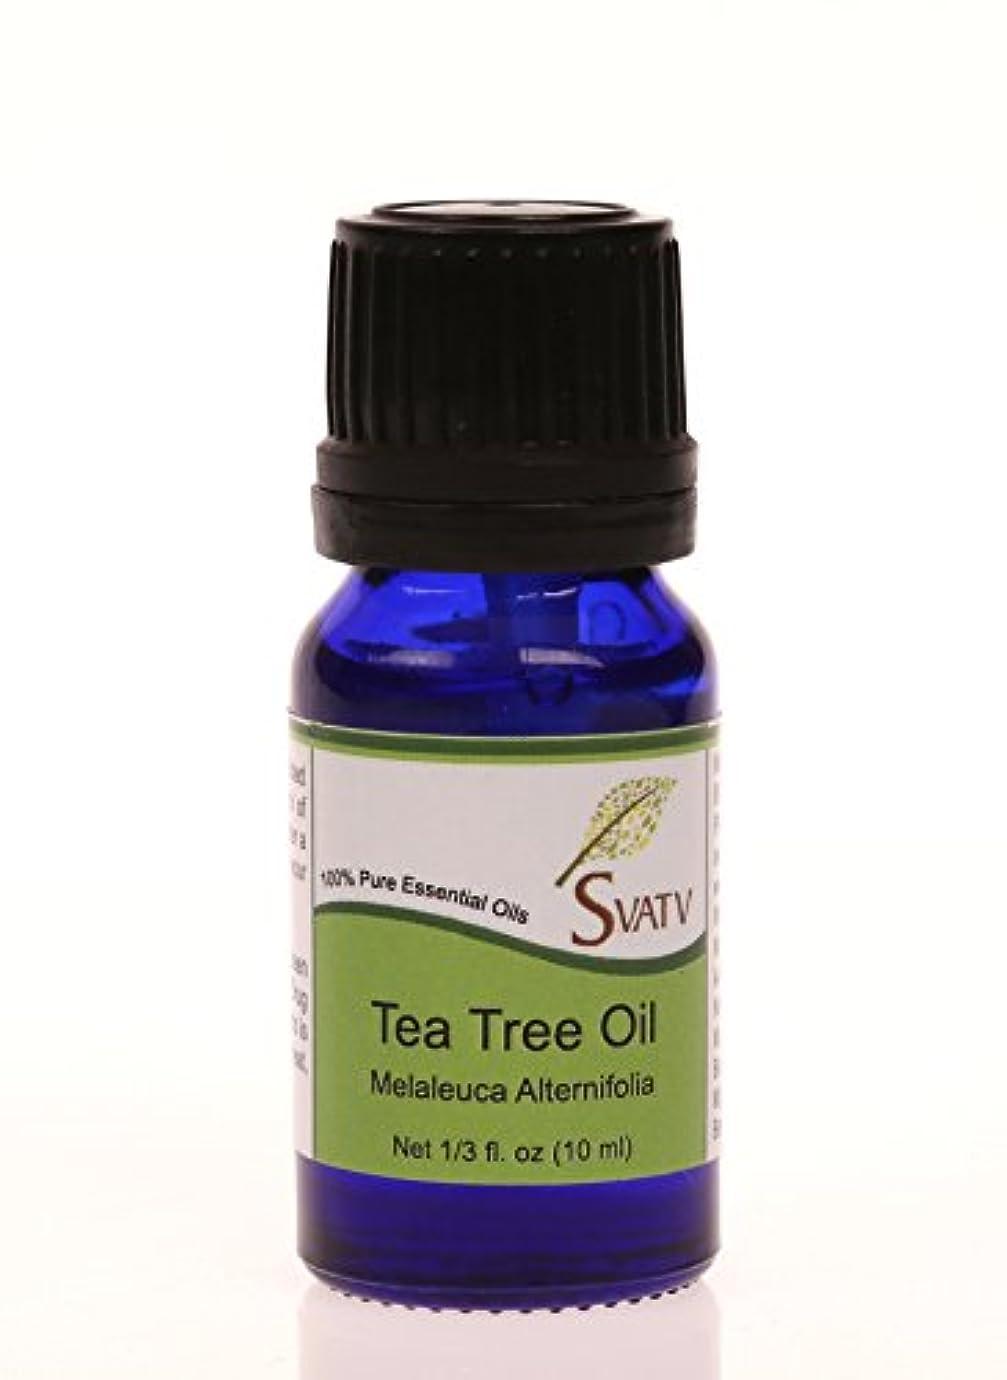 問い合わせリーク考案するSVATVティーツリー(Melaleuca alternifolia)エッセンシャルオイル10mL(1/3オンス)100%純粋な、希釈されていない、治療グレード